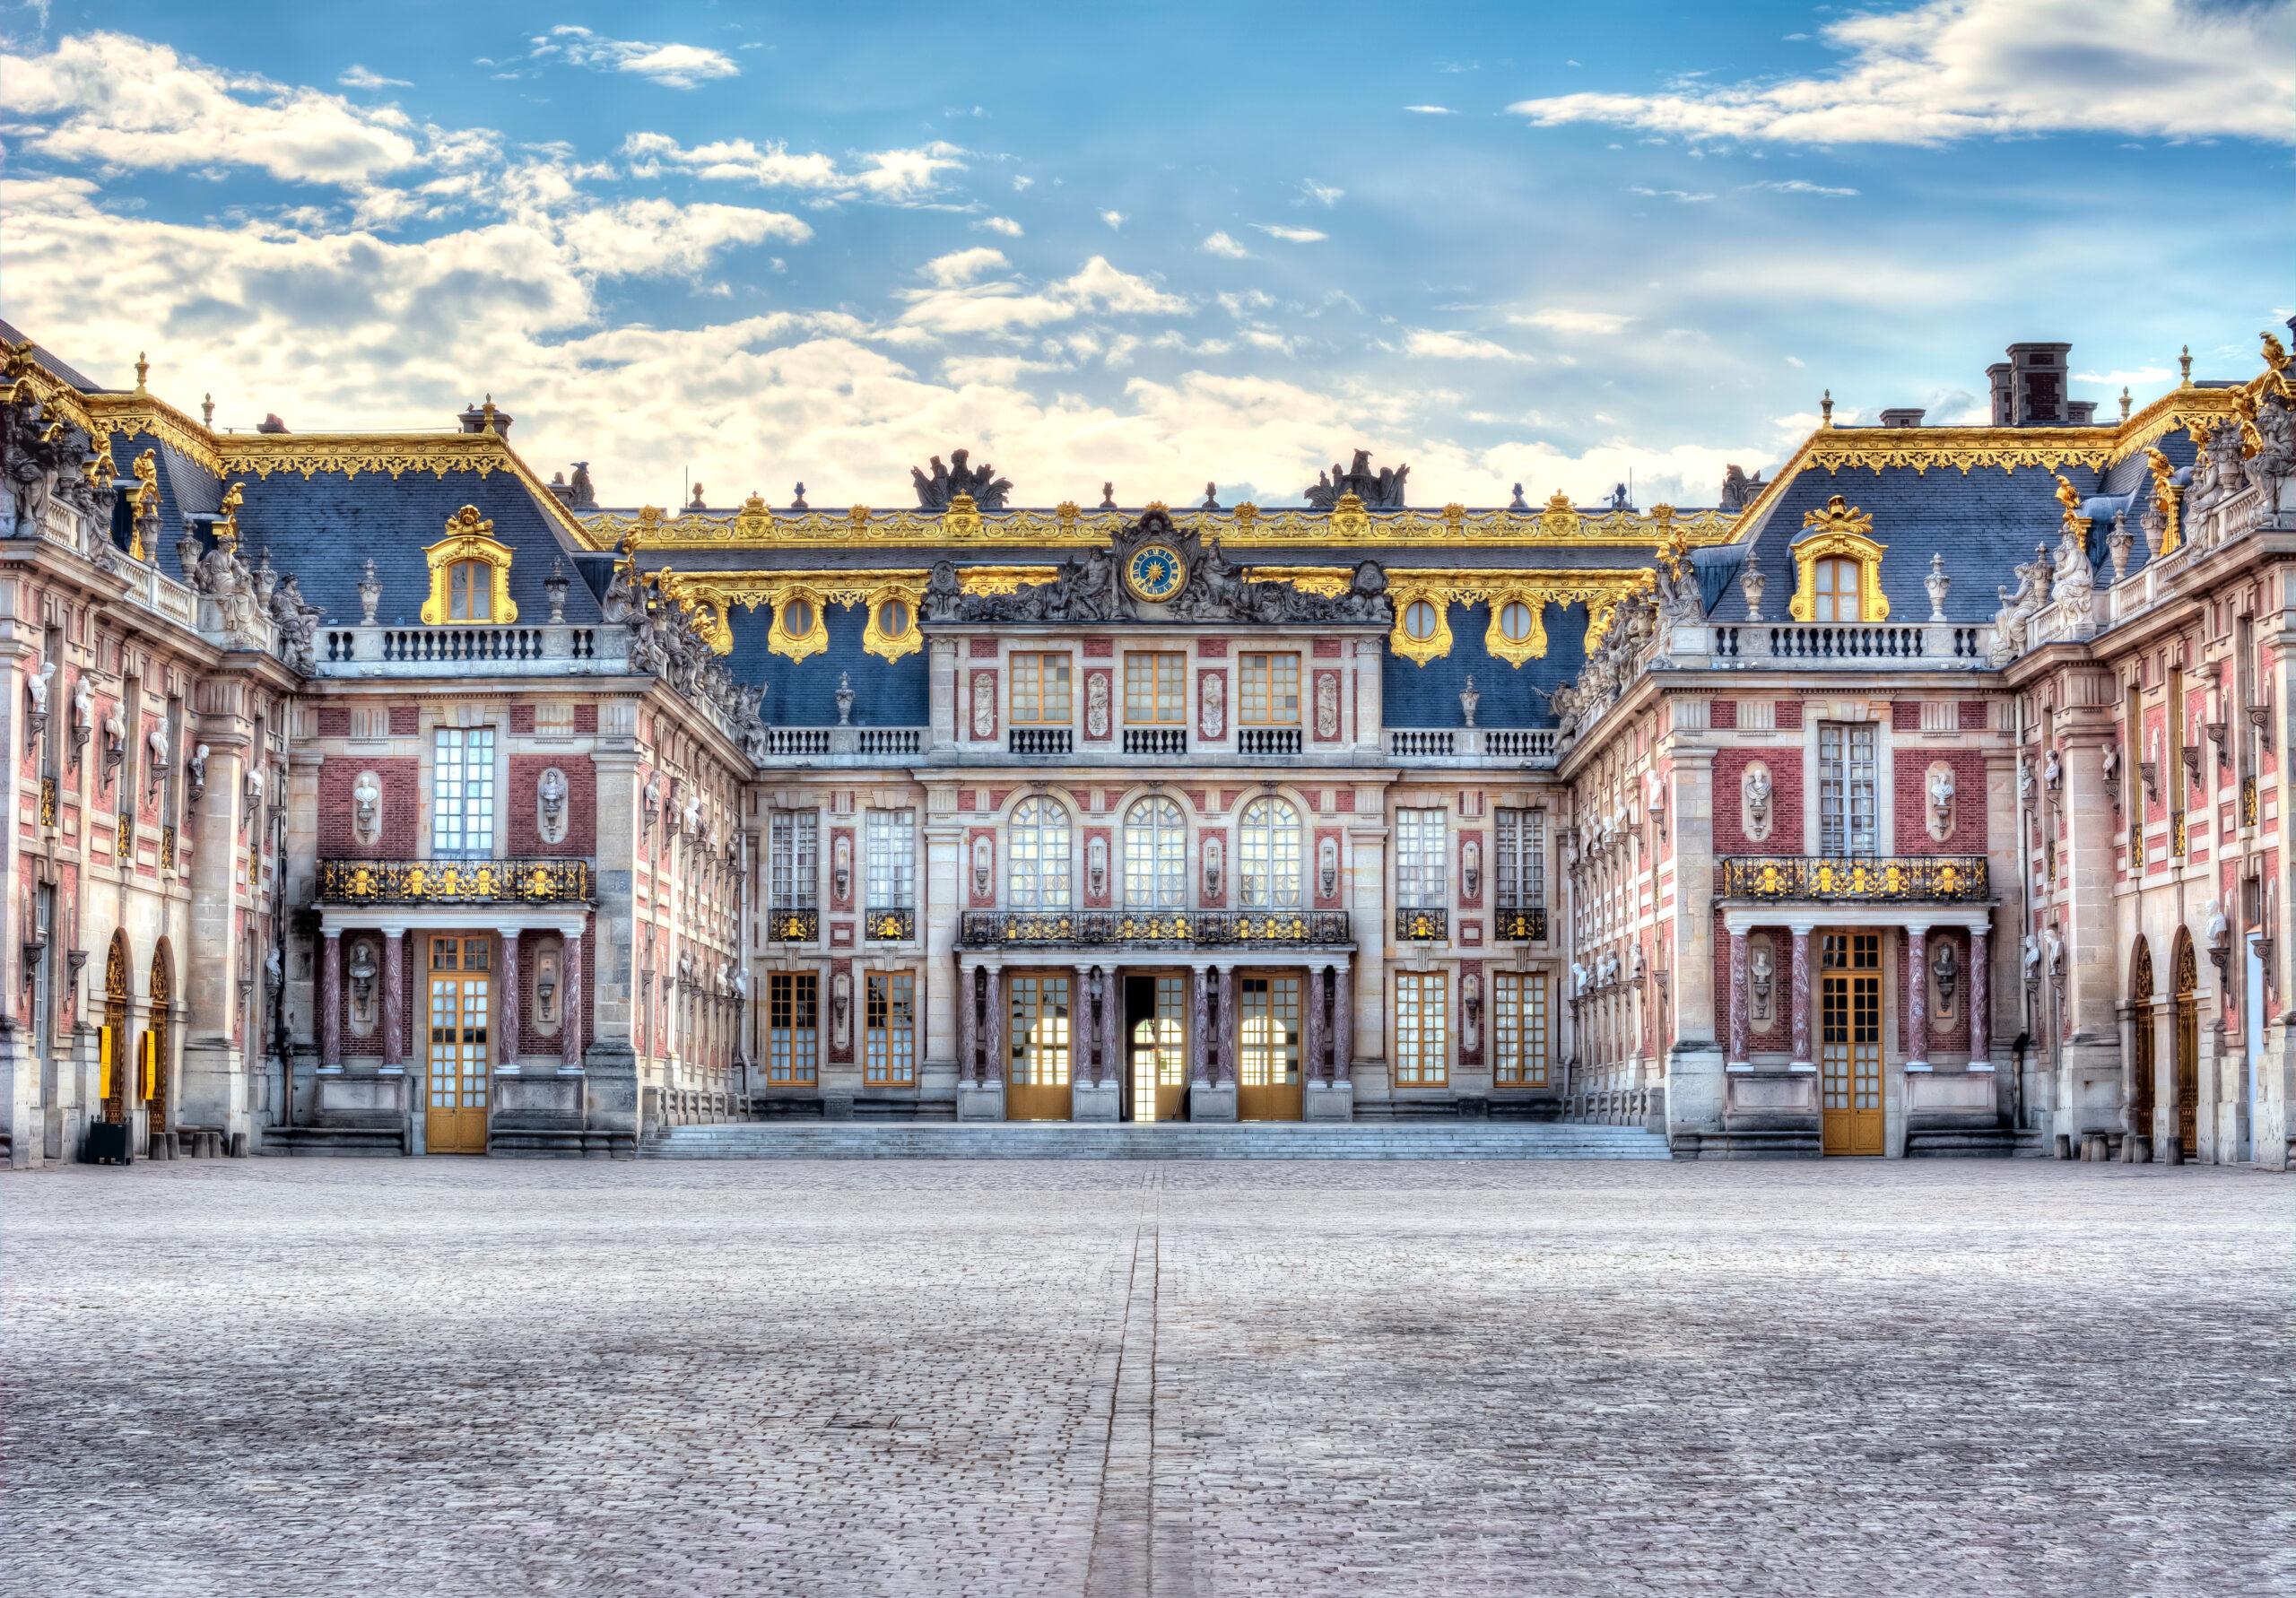 Virtual EuropeanCastle Tour of Versailles palace, Paris suburbs, France.